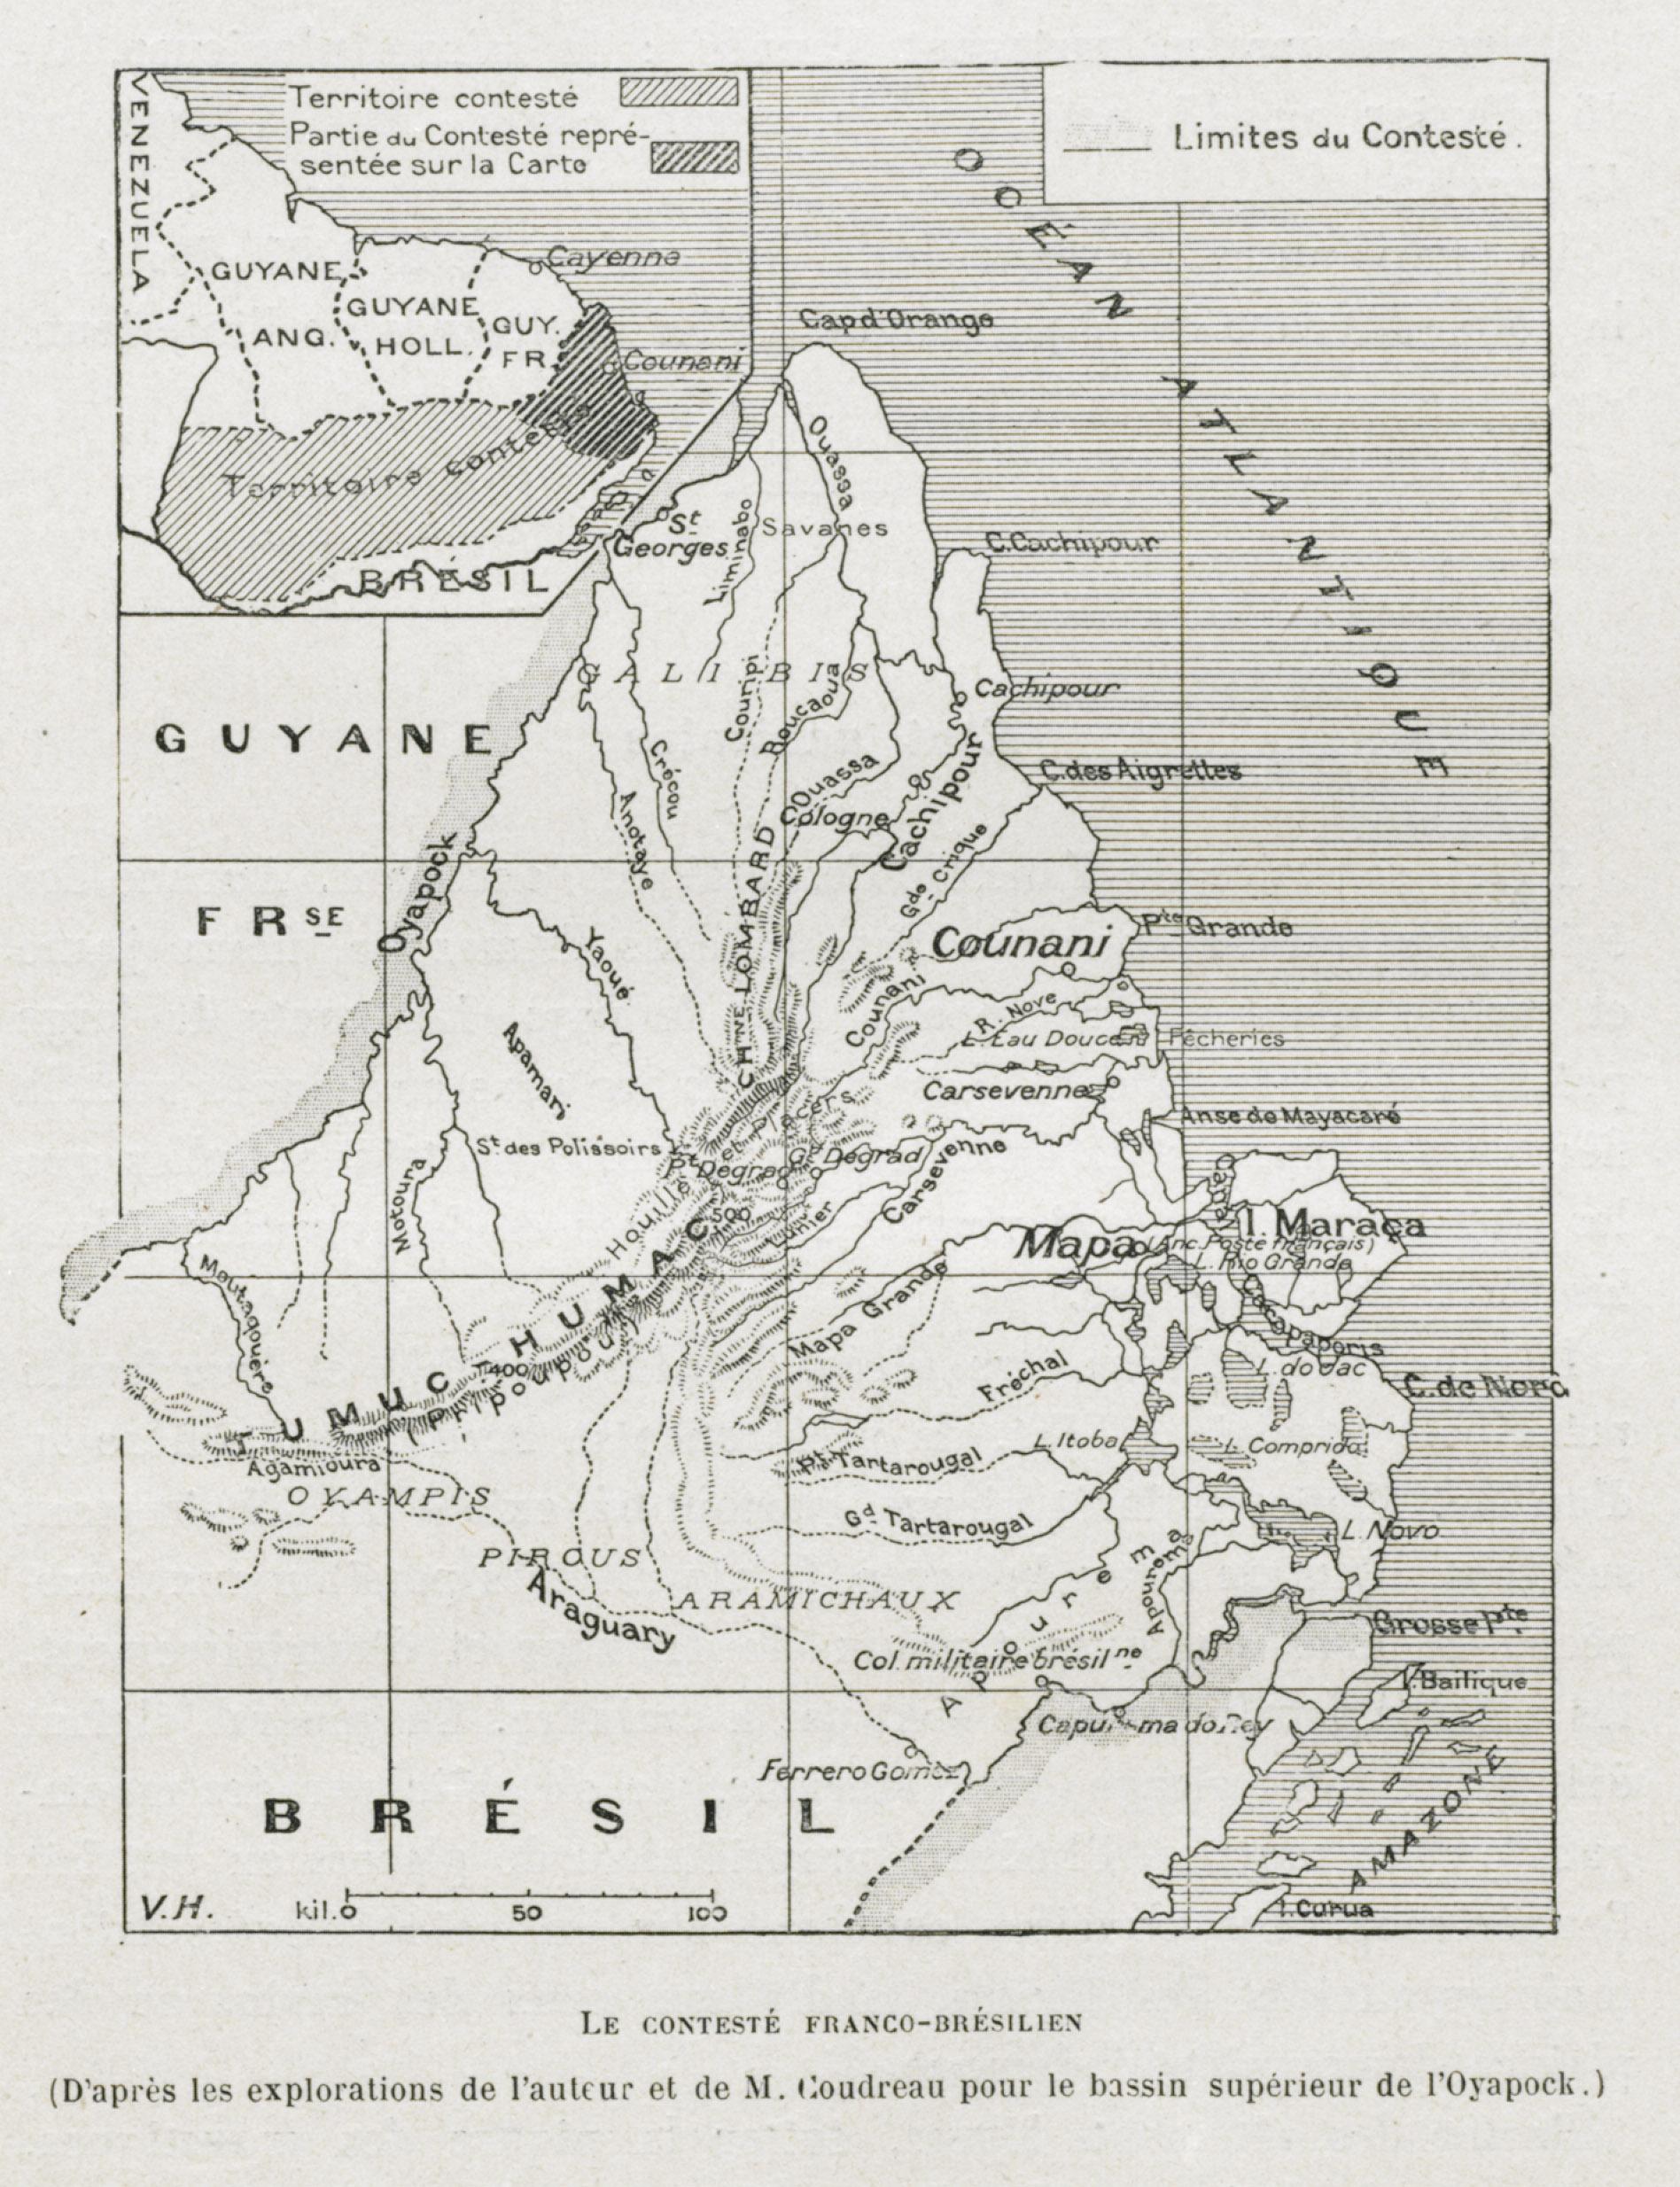 Les richesses de la Guyane Française et de l'ancien contesté franco-brésilien : 11 ans d'exploration  J. Brousseau